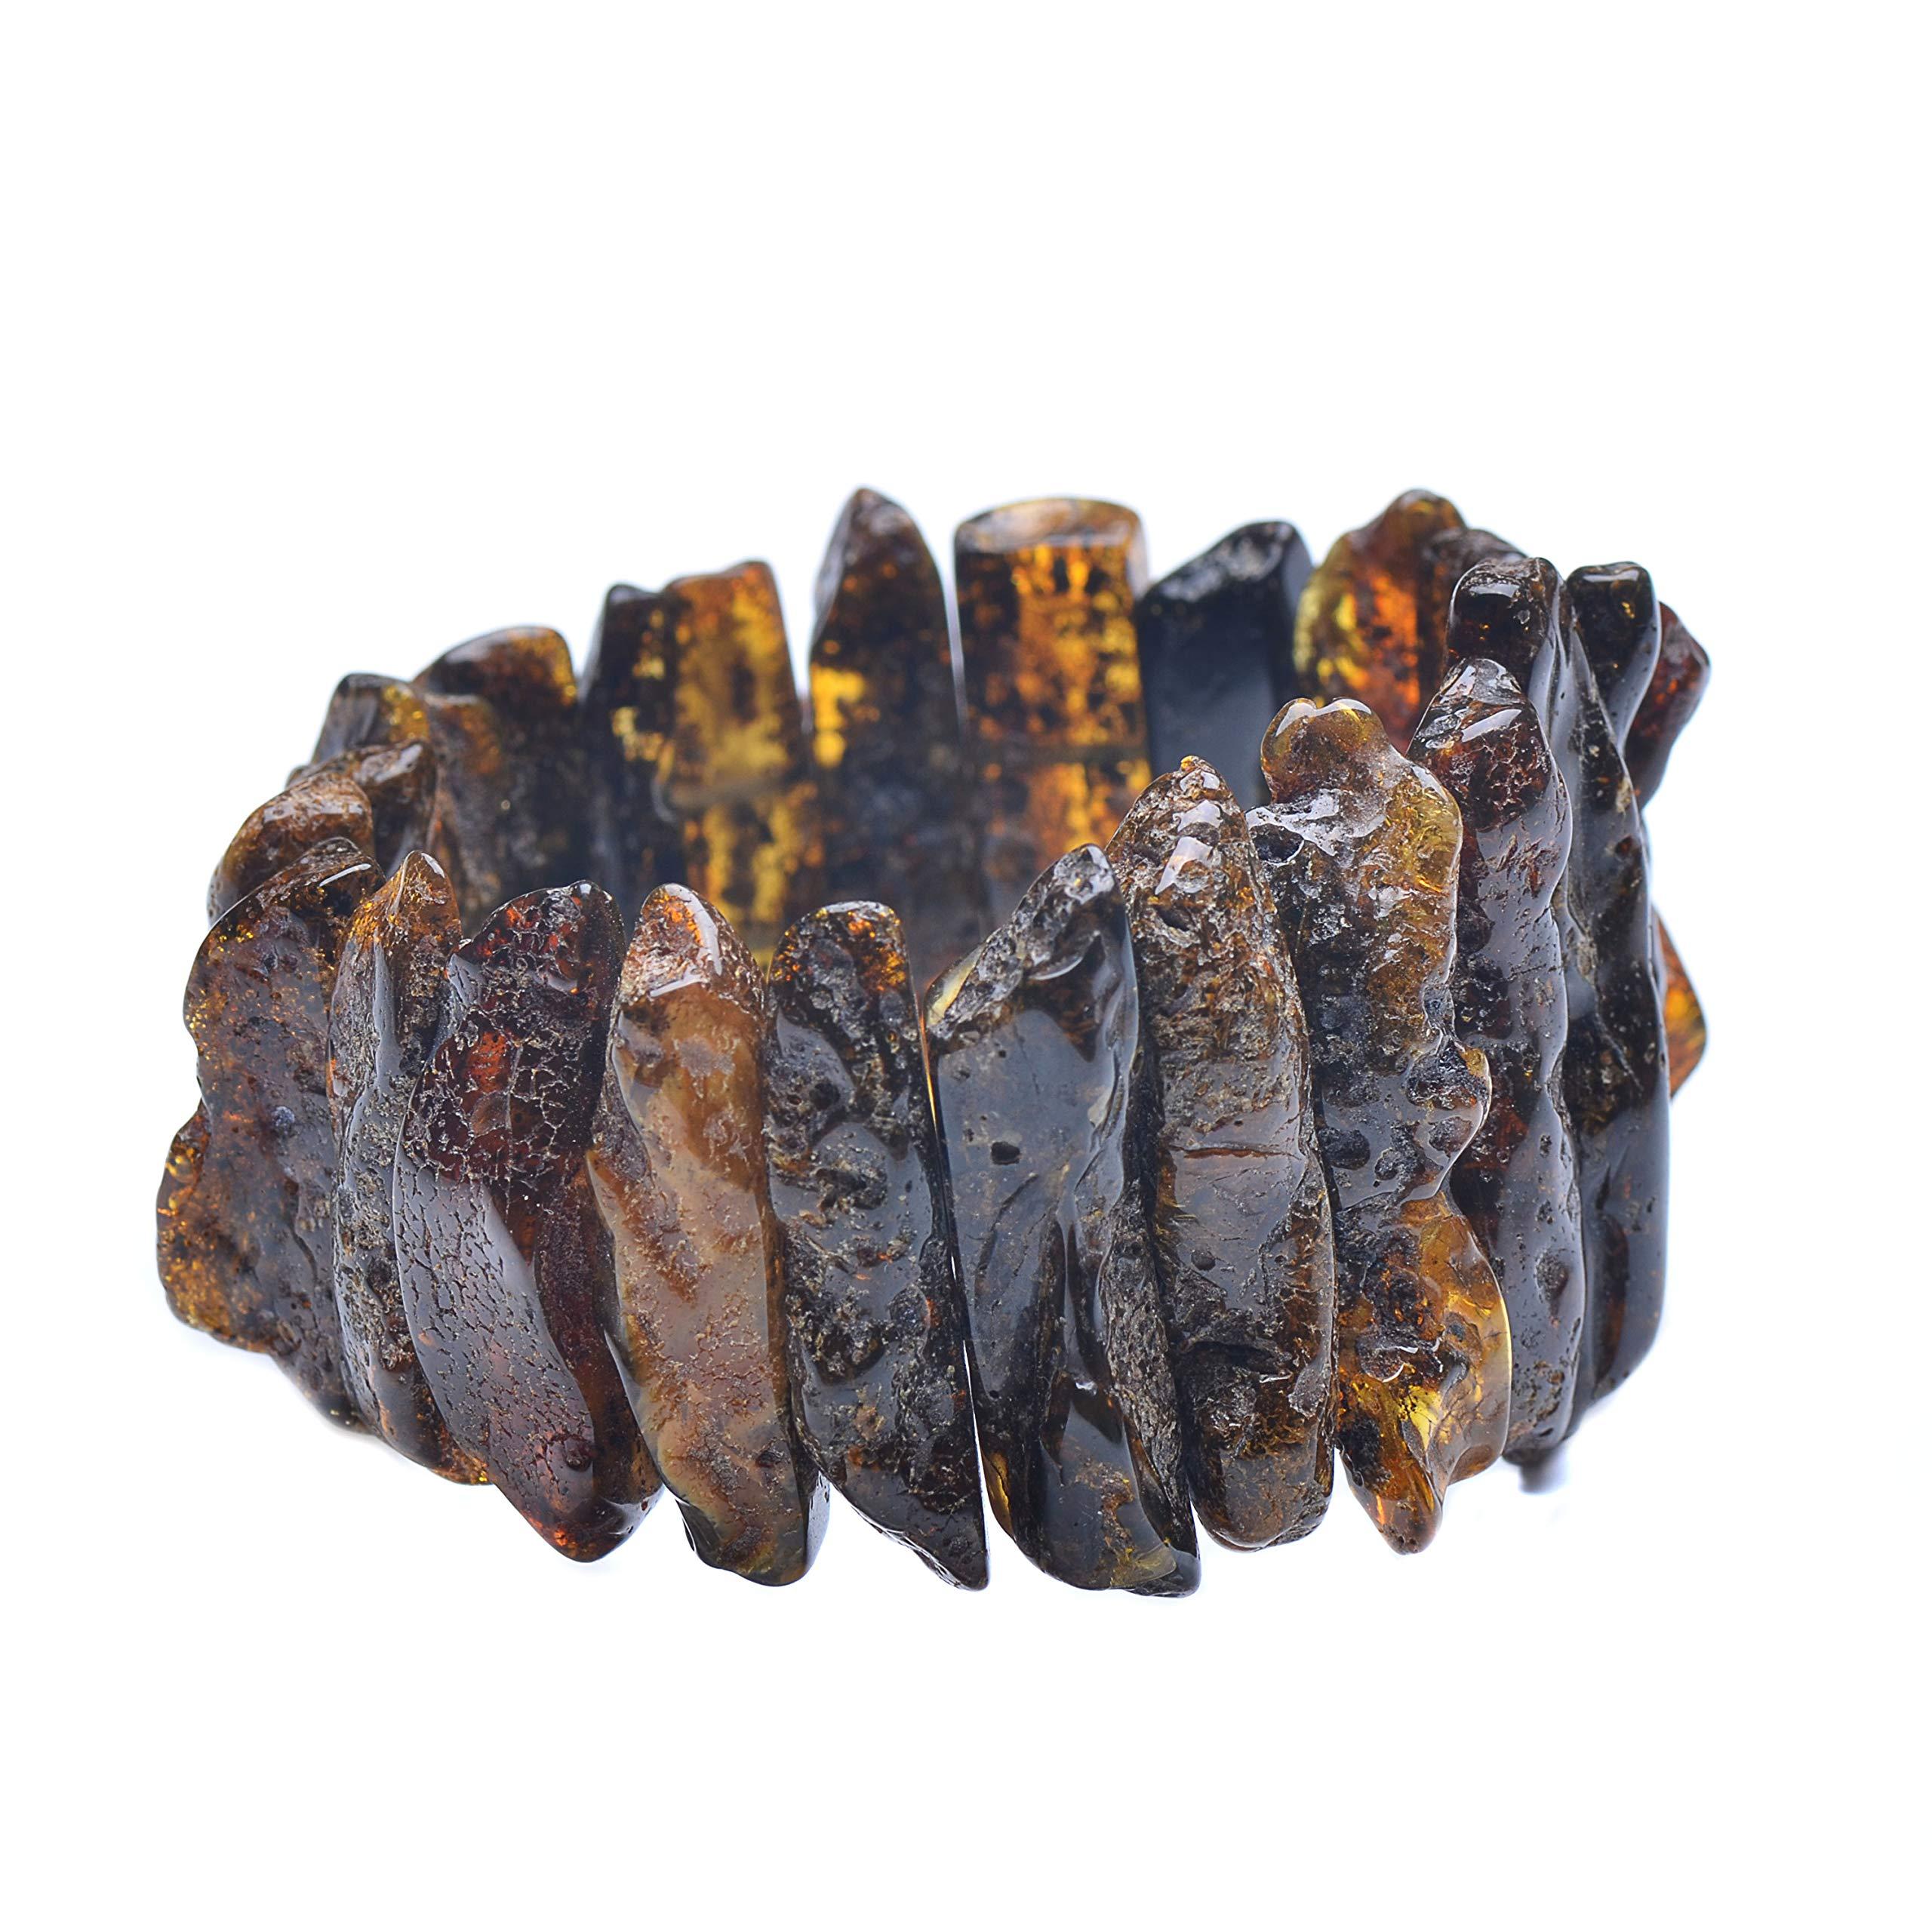 Massive Amber Bracelet - Unique Amber Bracelet - Exclusive Amber Bracelet - Amber Bracelet by Genuine Amber (Image #2)